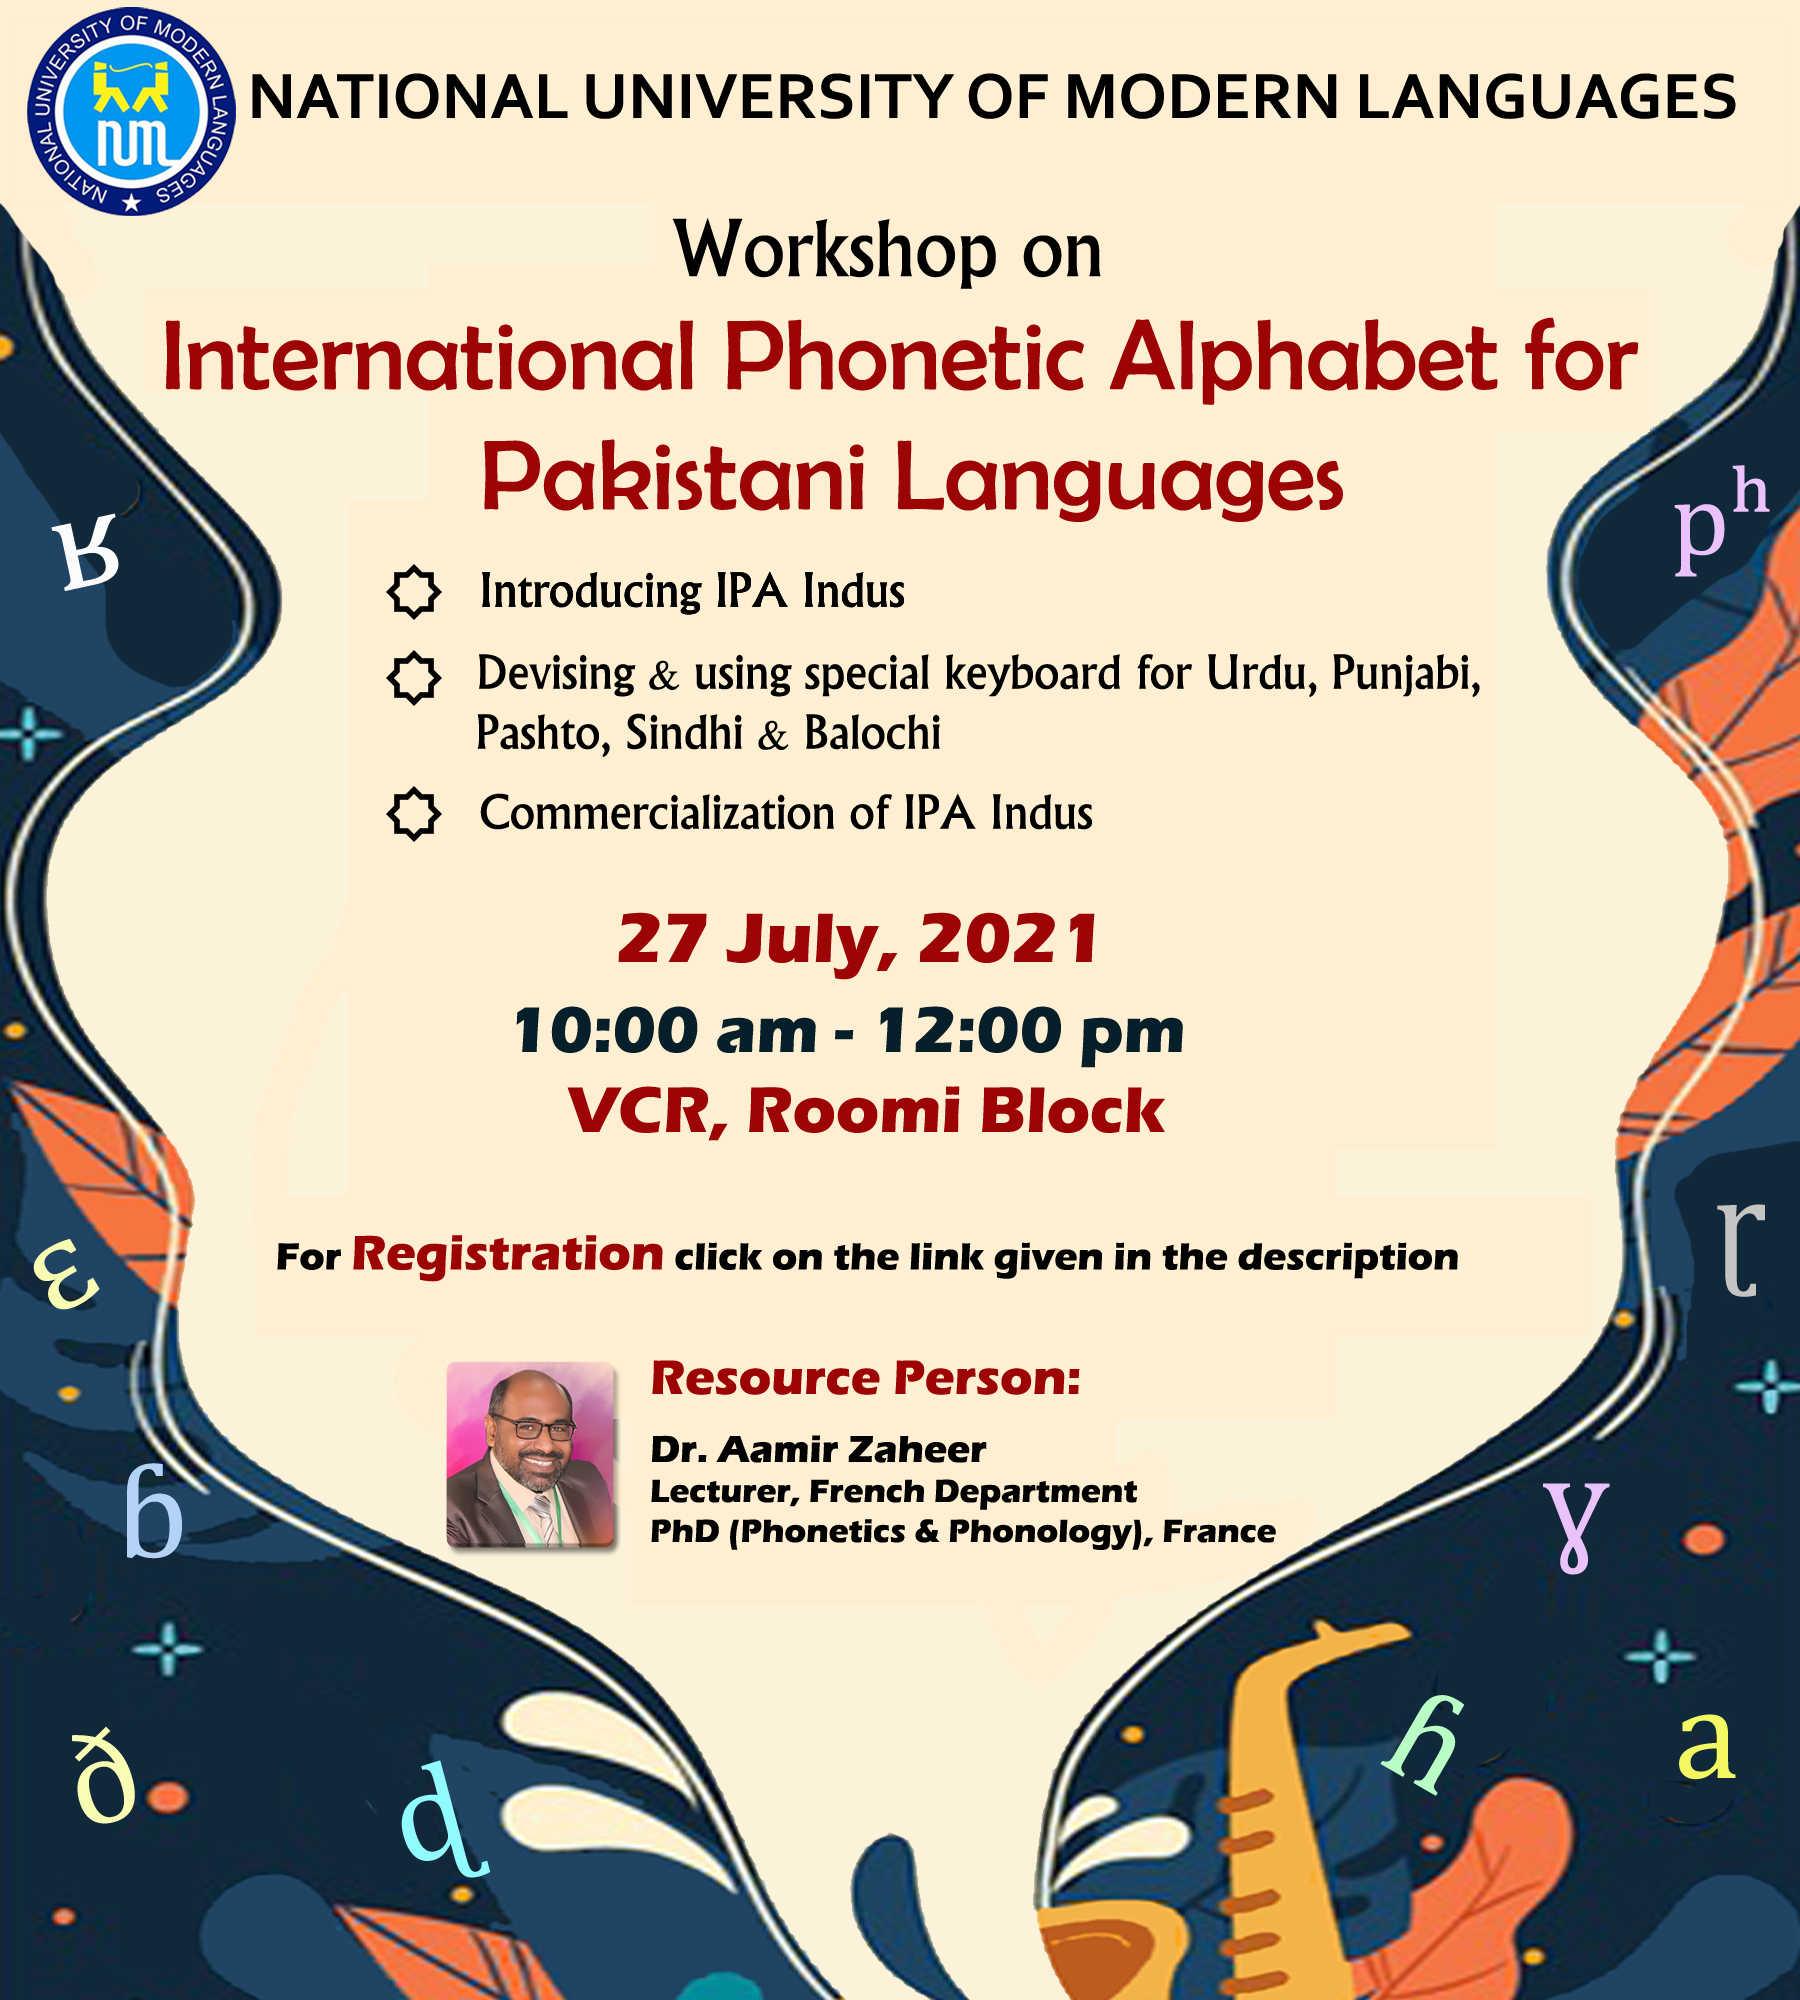 Workshop on International Phonetic Alphabet for Pakistani Languages